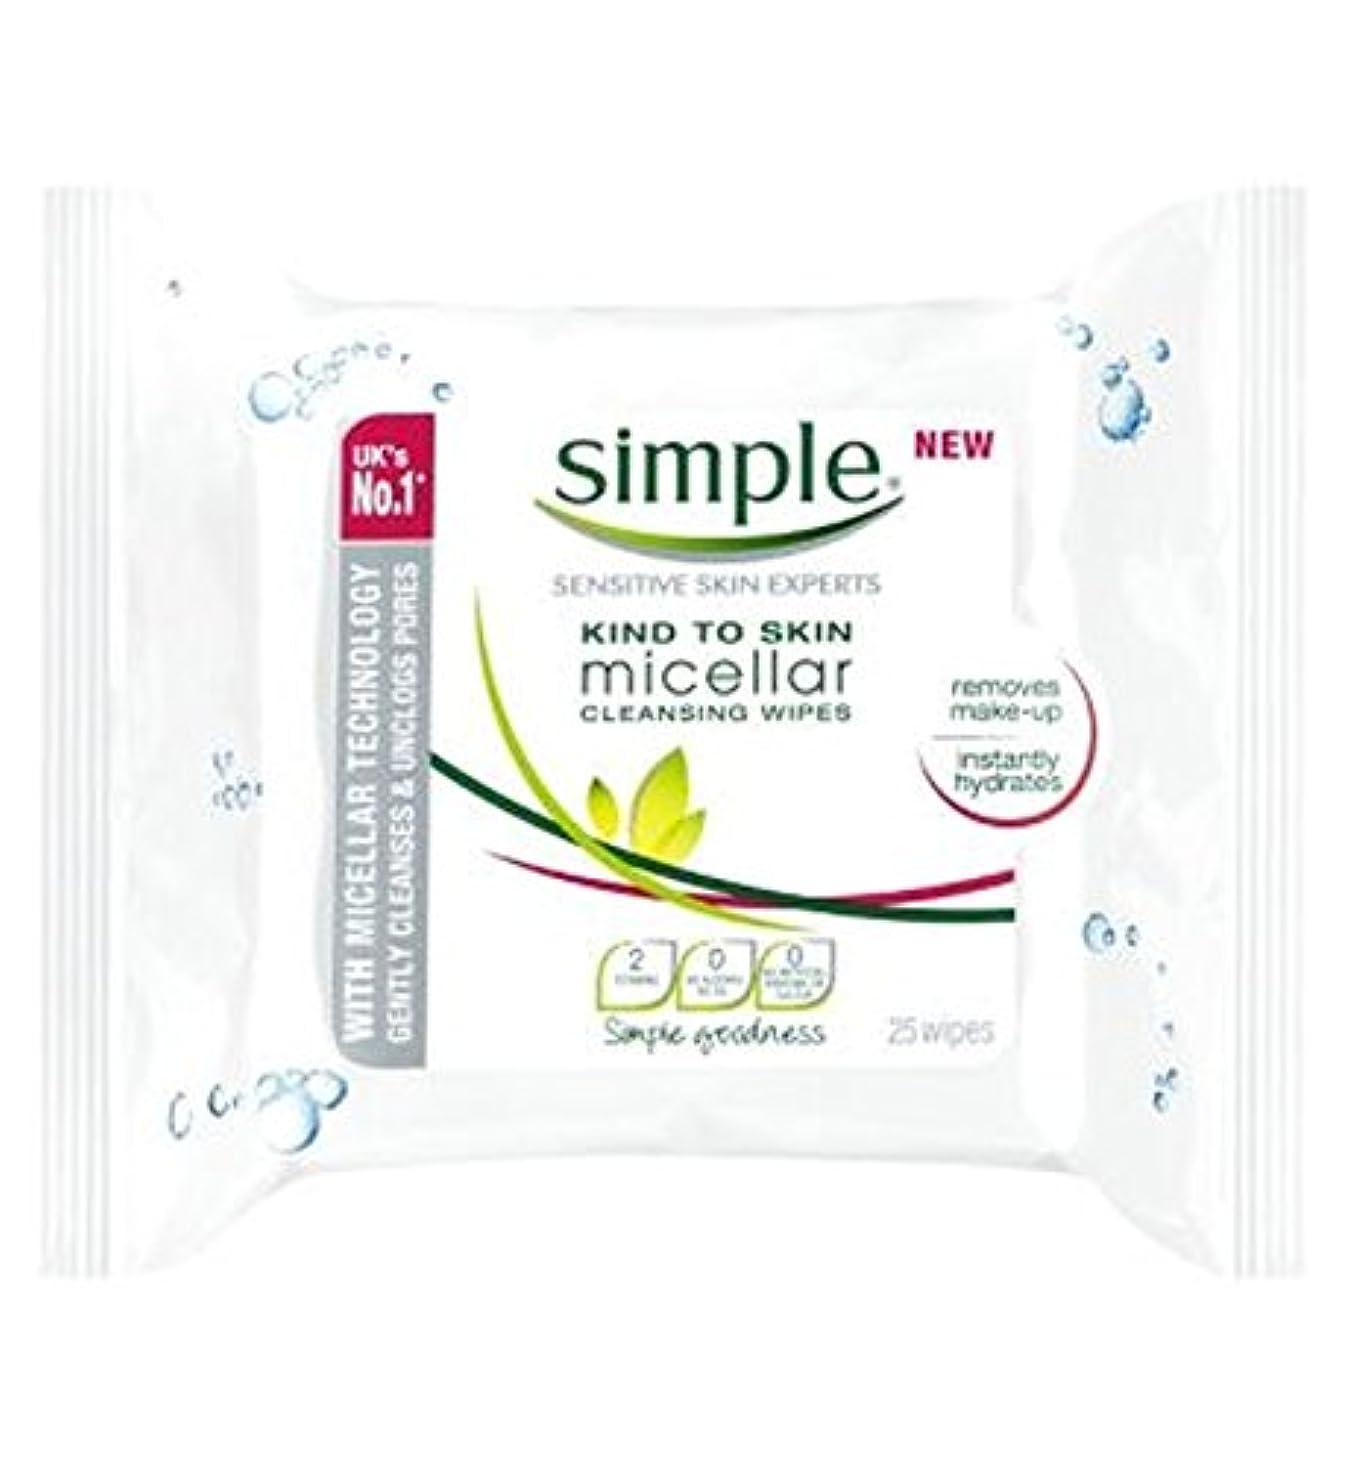 定期的にフレア考古学者Simple Kind To Skin Micellar Cleansing Wipes - 25 wipes - 皮膚ミセルクレンジングへの単純な種類がワイプ - 25ワイプ (Simple) [並行輸入品]